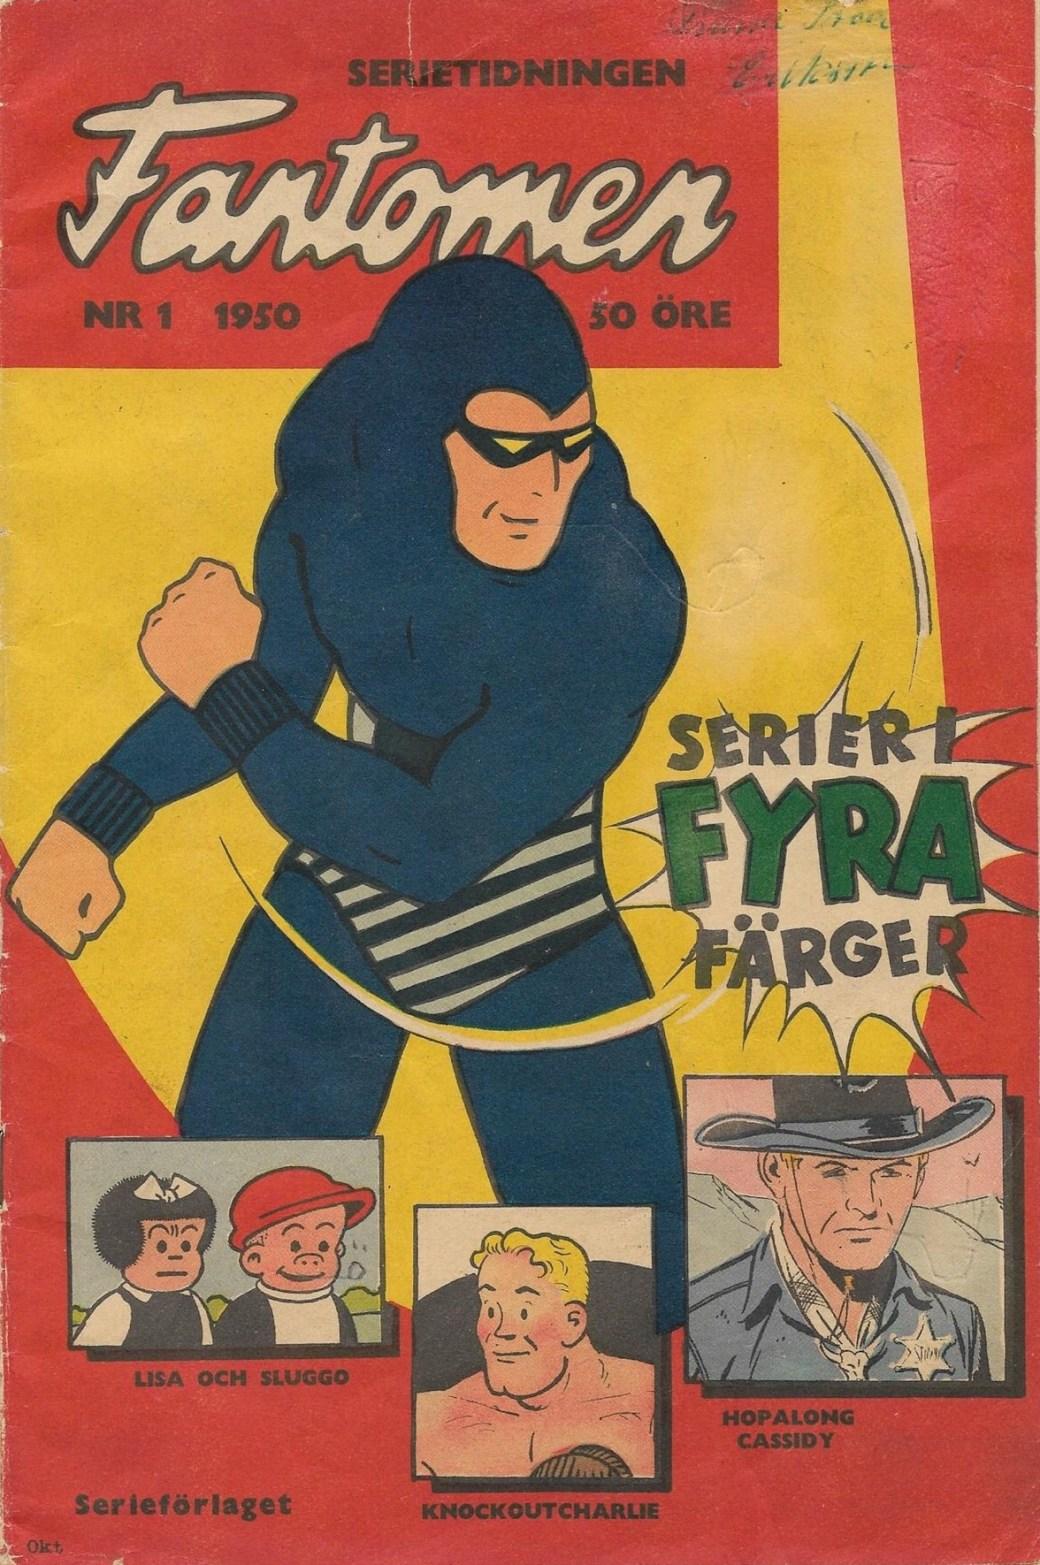 Första numret 1950 av serietidningen Fantomen